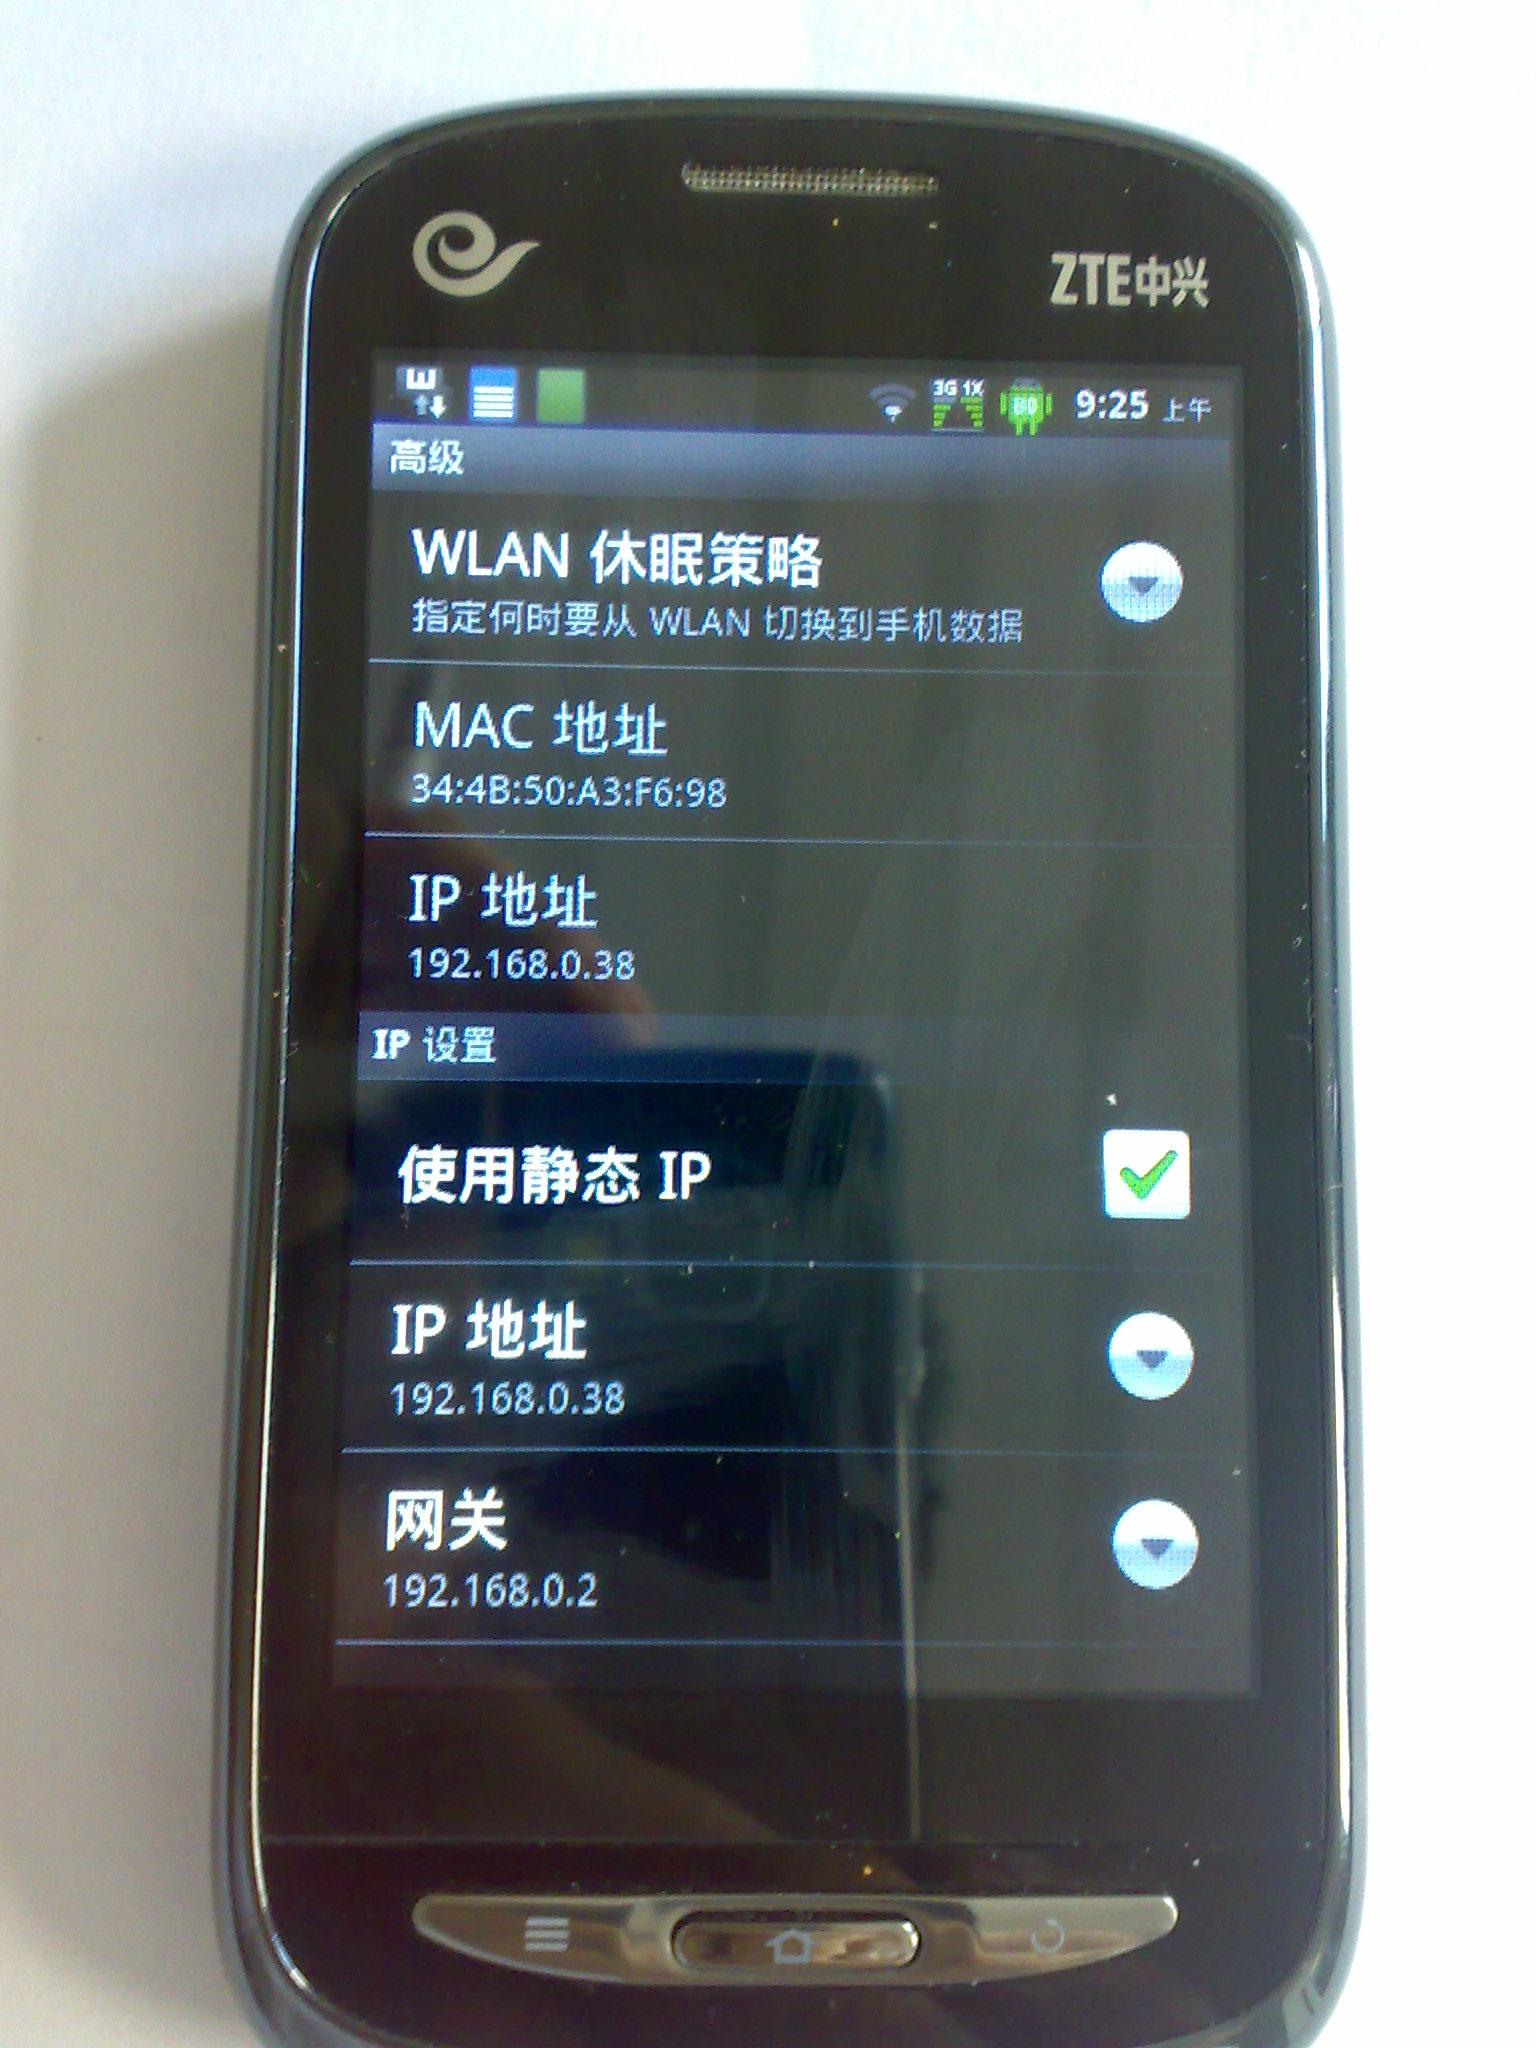 中兴手机n760_zte中兴官网刷机 - 7262图片网